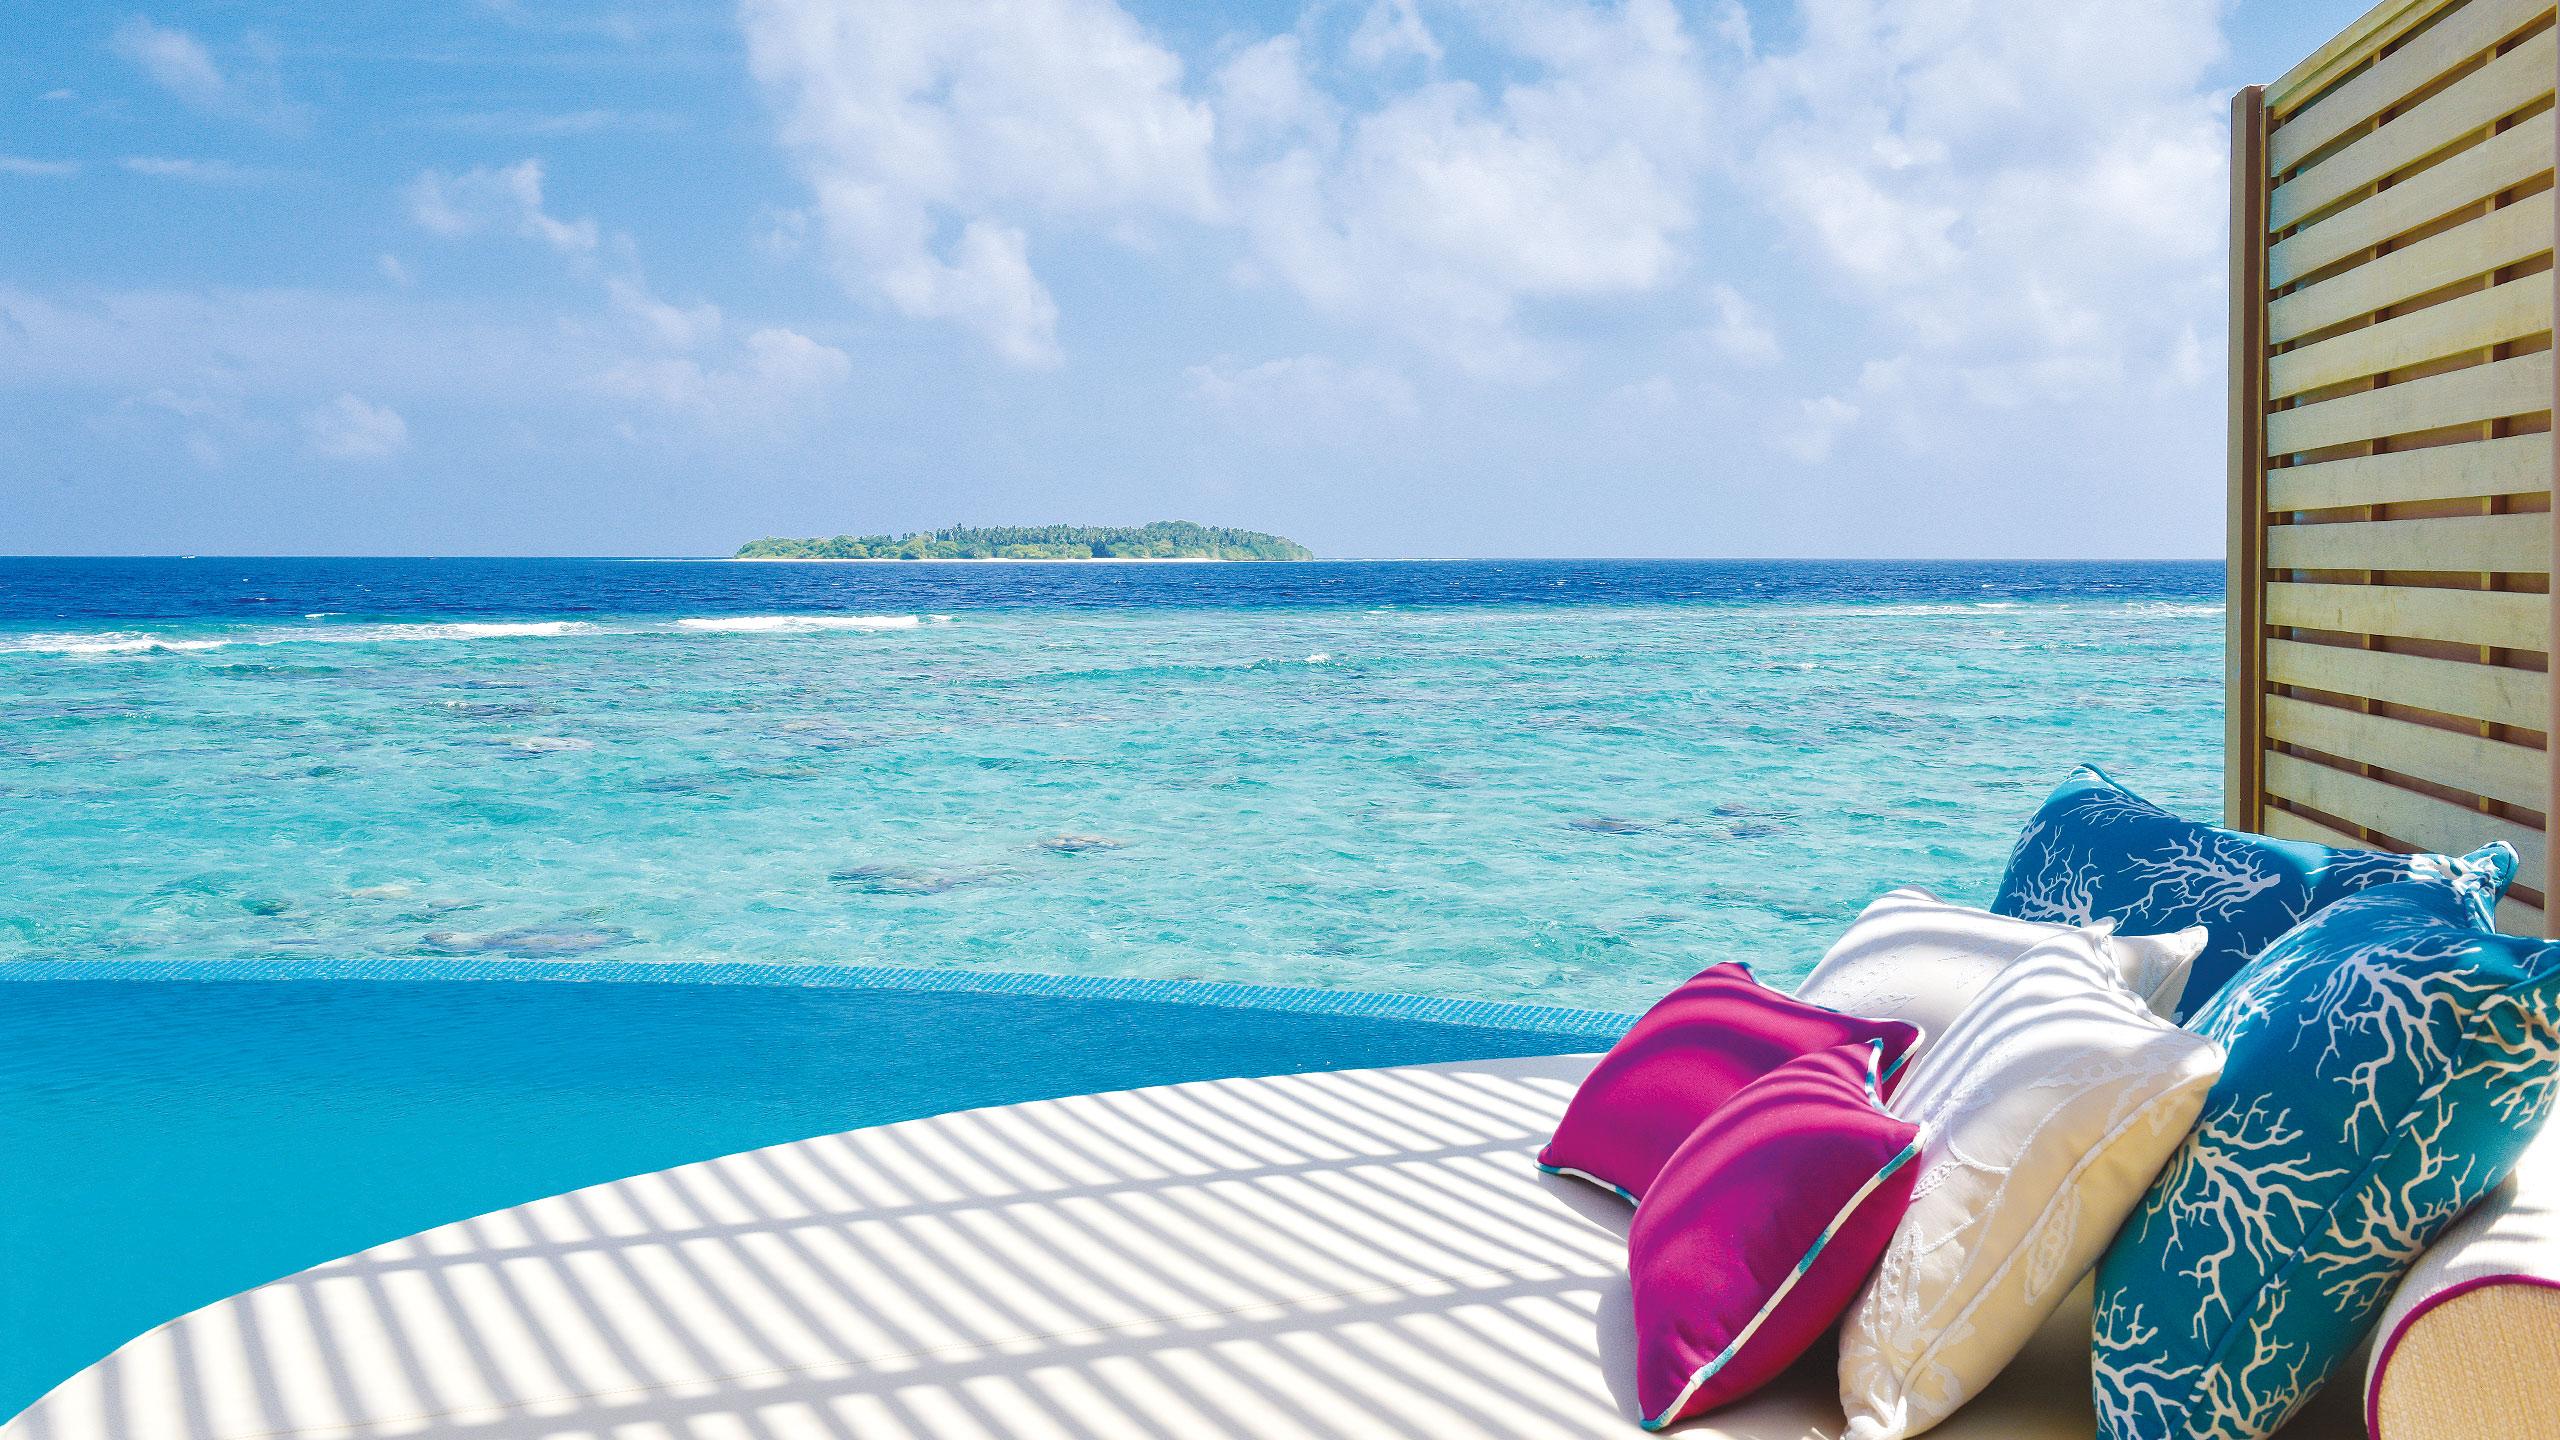 Tailandia y Maldivas, lugares ideales para tu luna de miel.